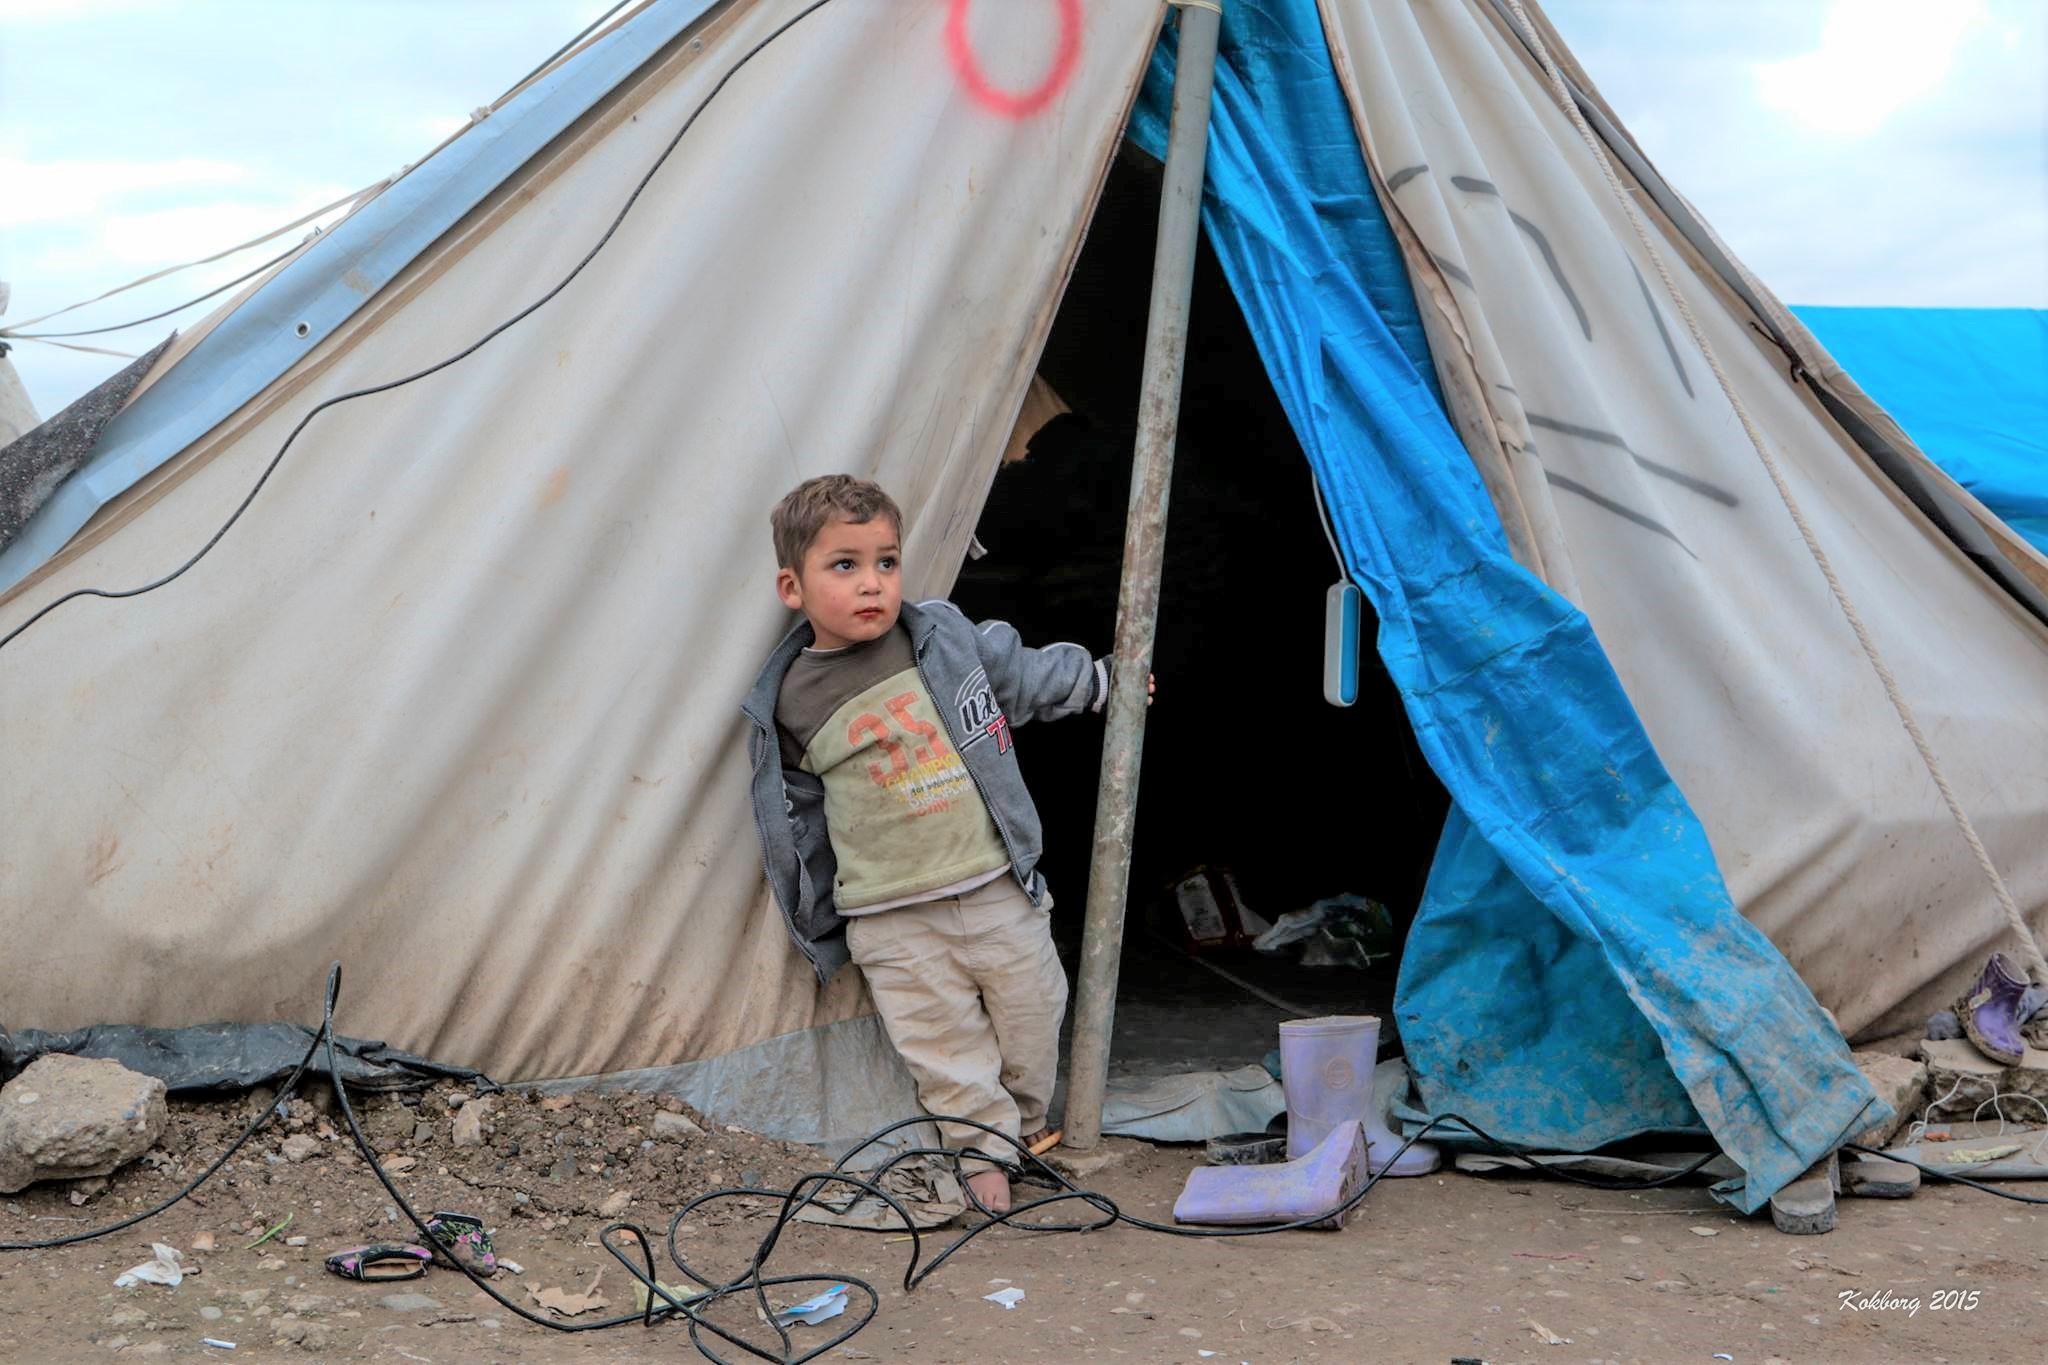 Flygtninge og indvandrere  i Danmark, skal ikke behandles som ofre